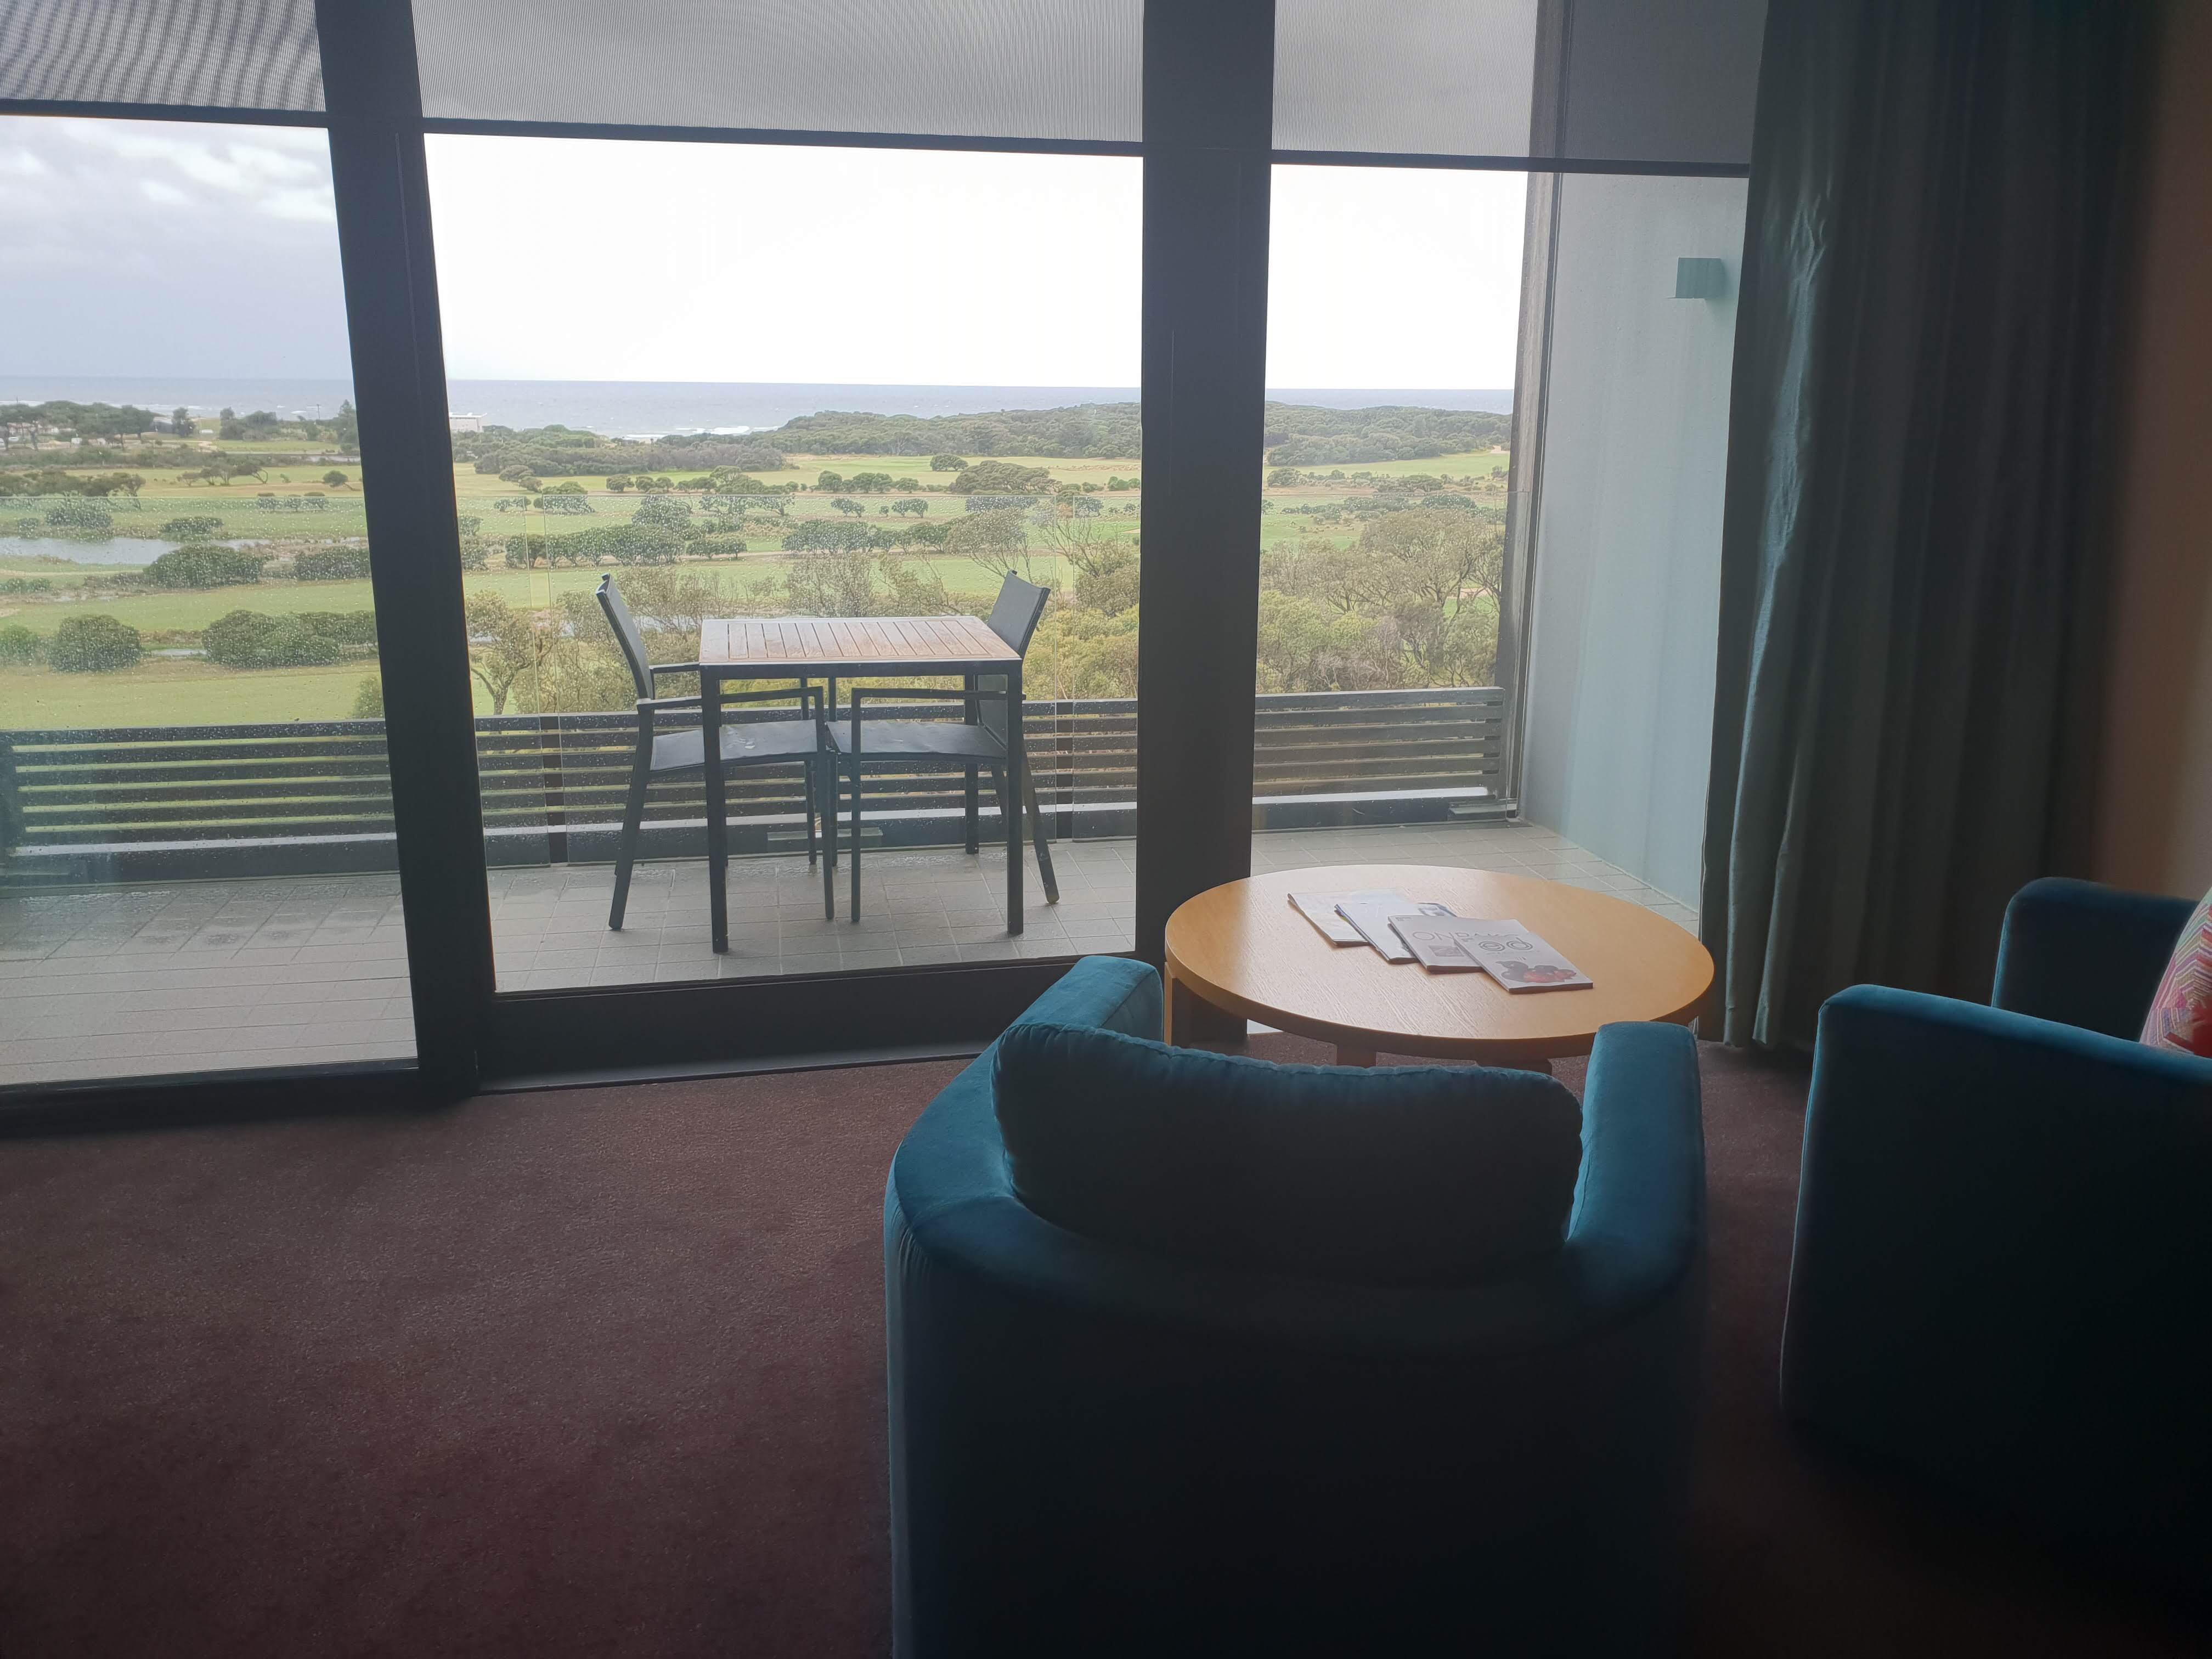 トーキーの高級リゾートホテル RACV Torquay Resort のお部屋